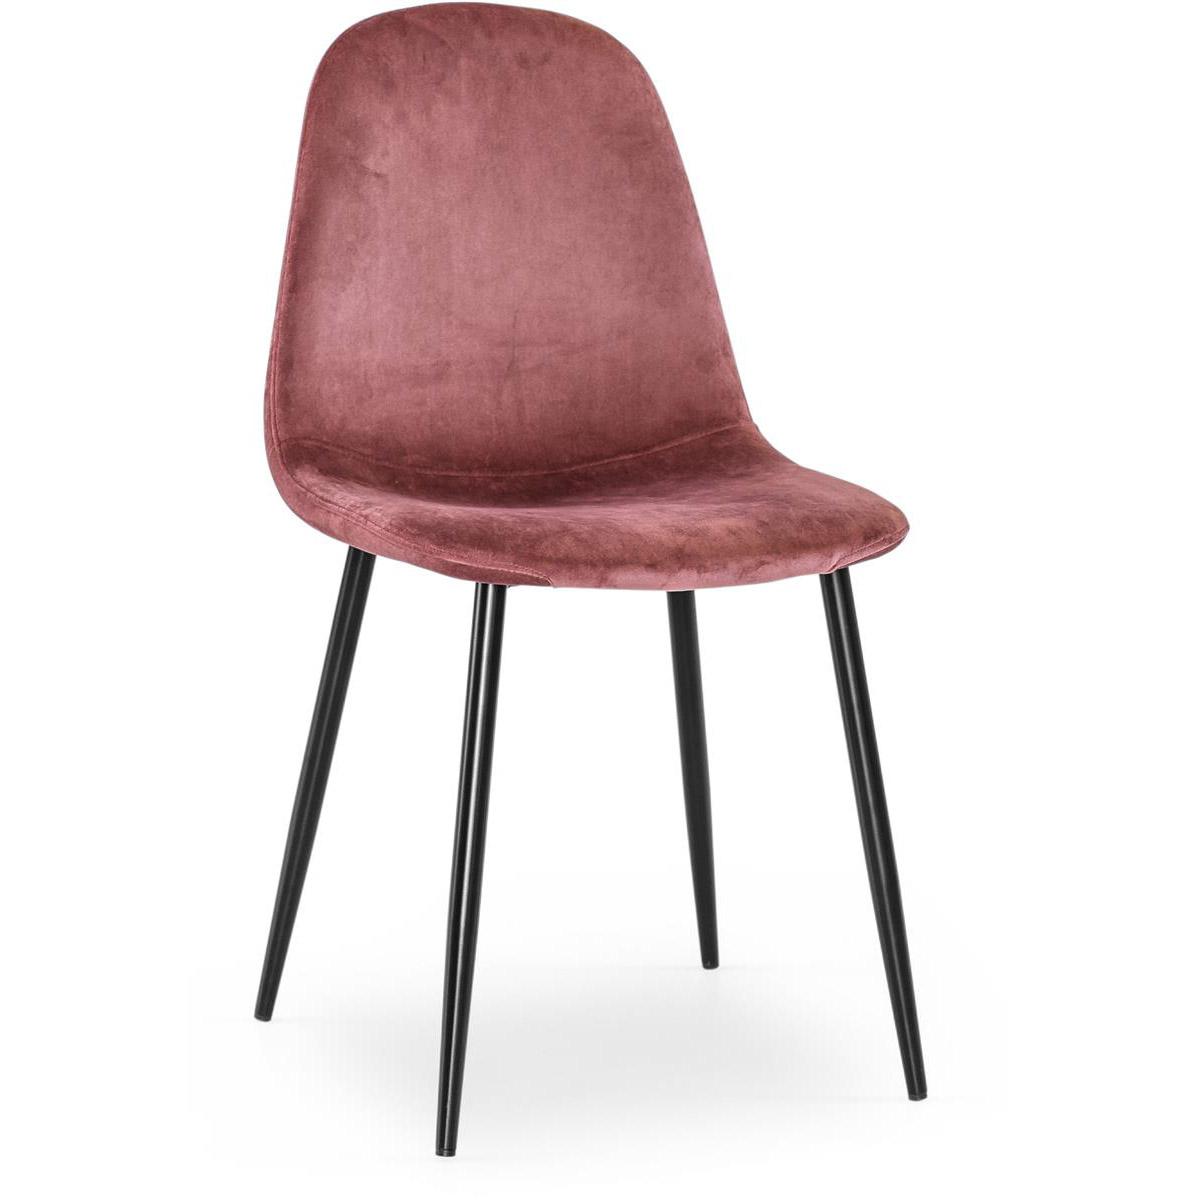 Meghan stol sammet rosa